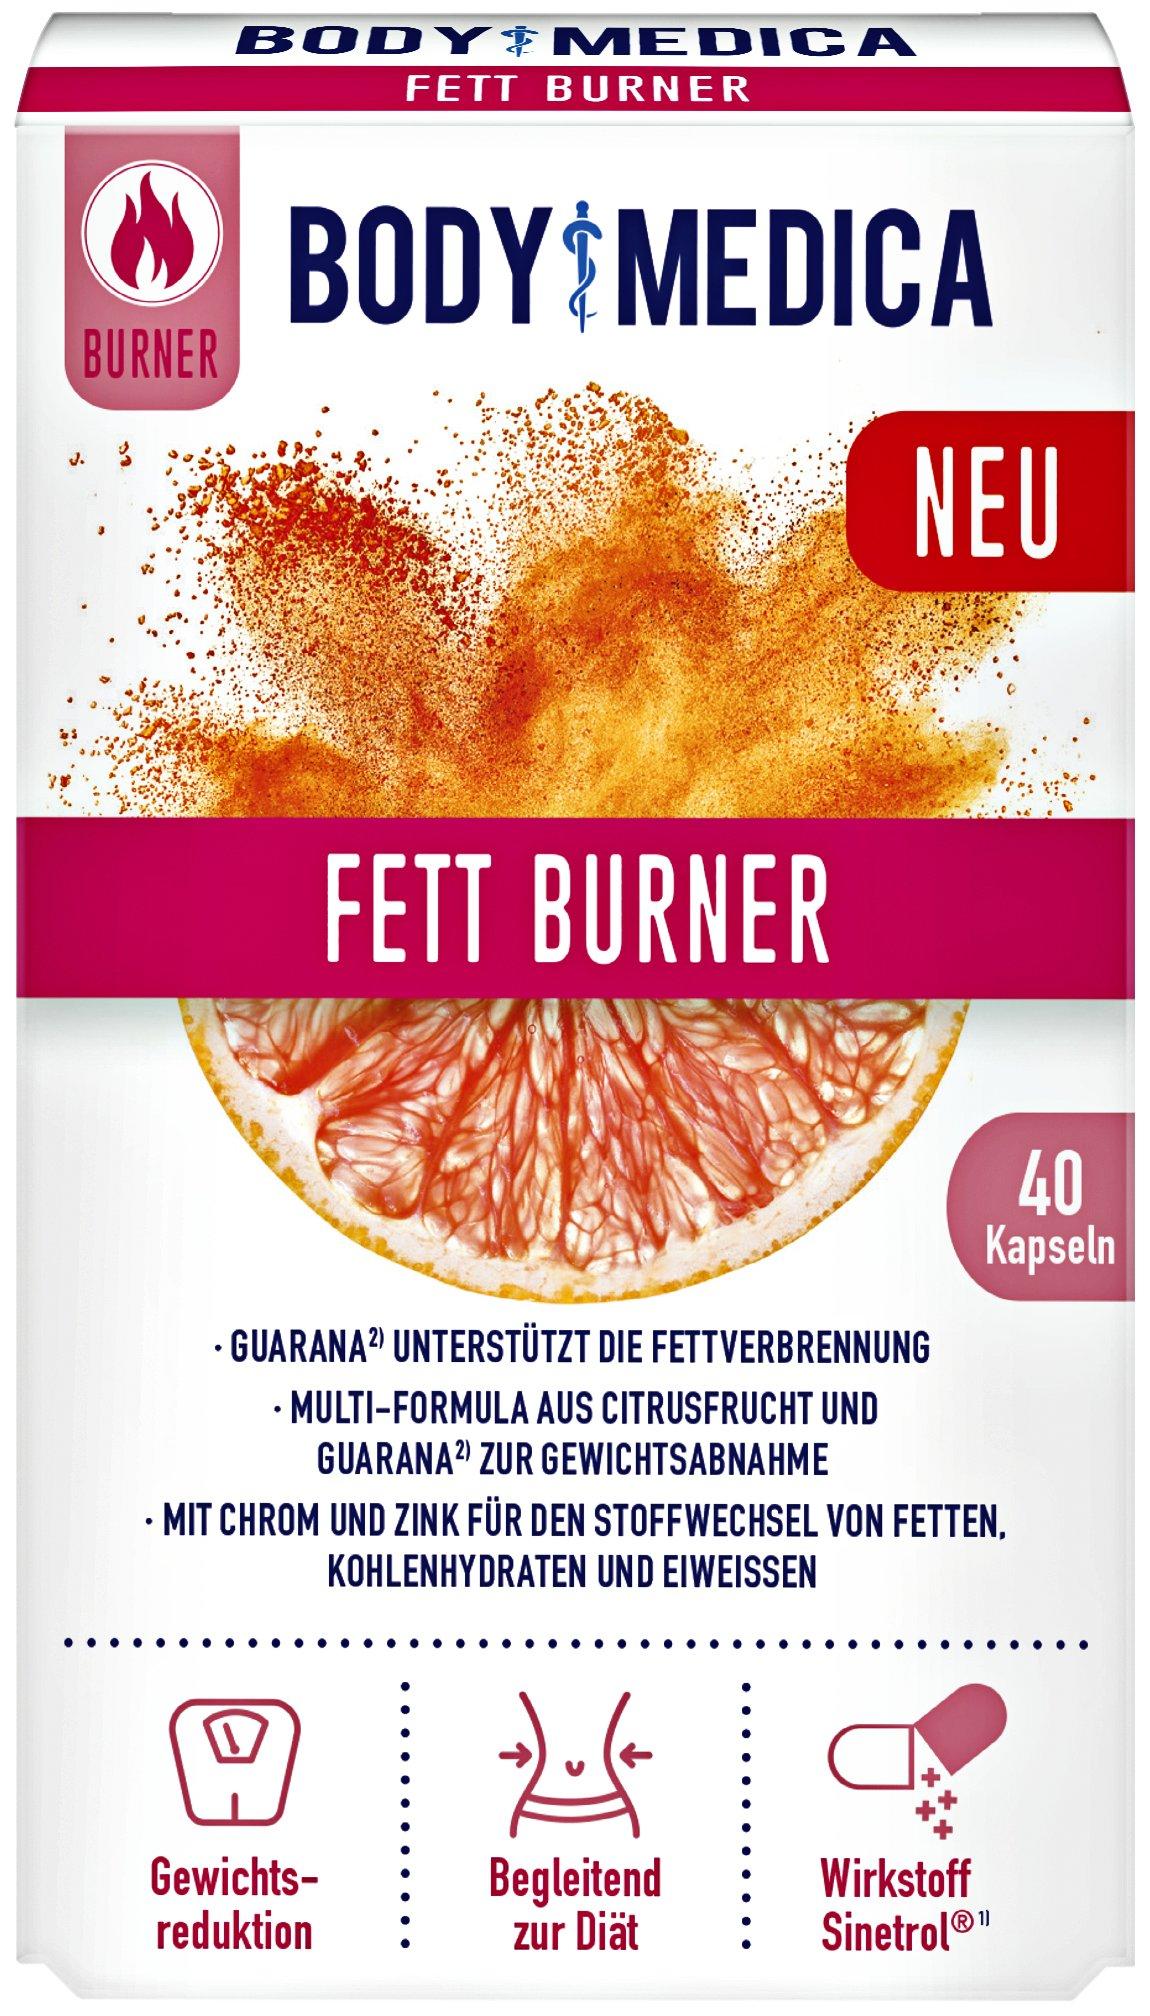 Fett Burner Kapseln von BodyMedica (40 Stk.)